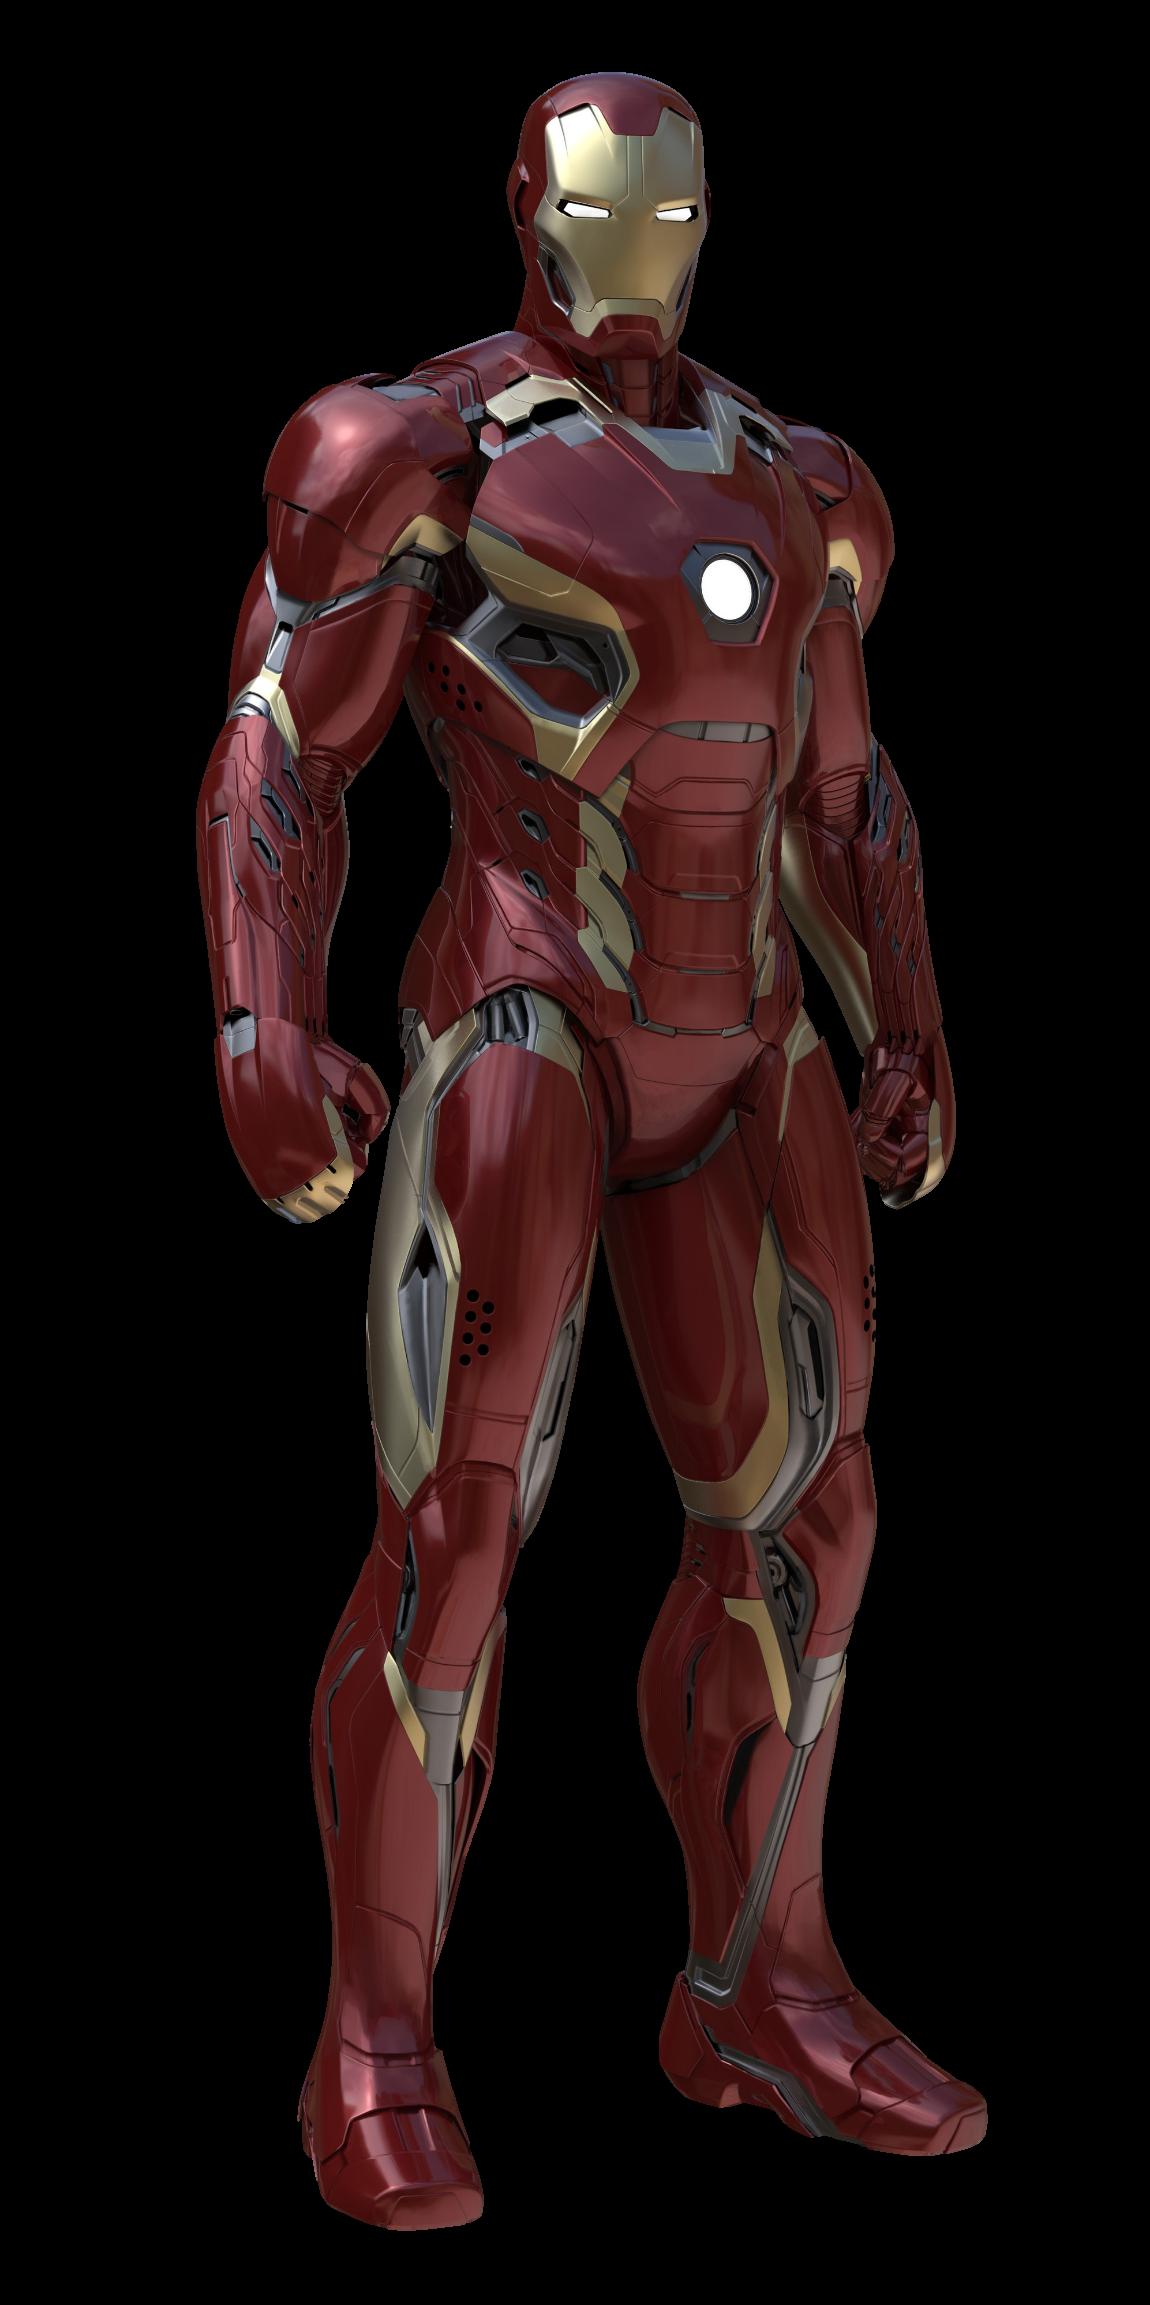 Tony Stark vs J.A.R.V.I.S. - Battles - Comic Vine